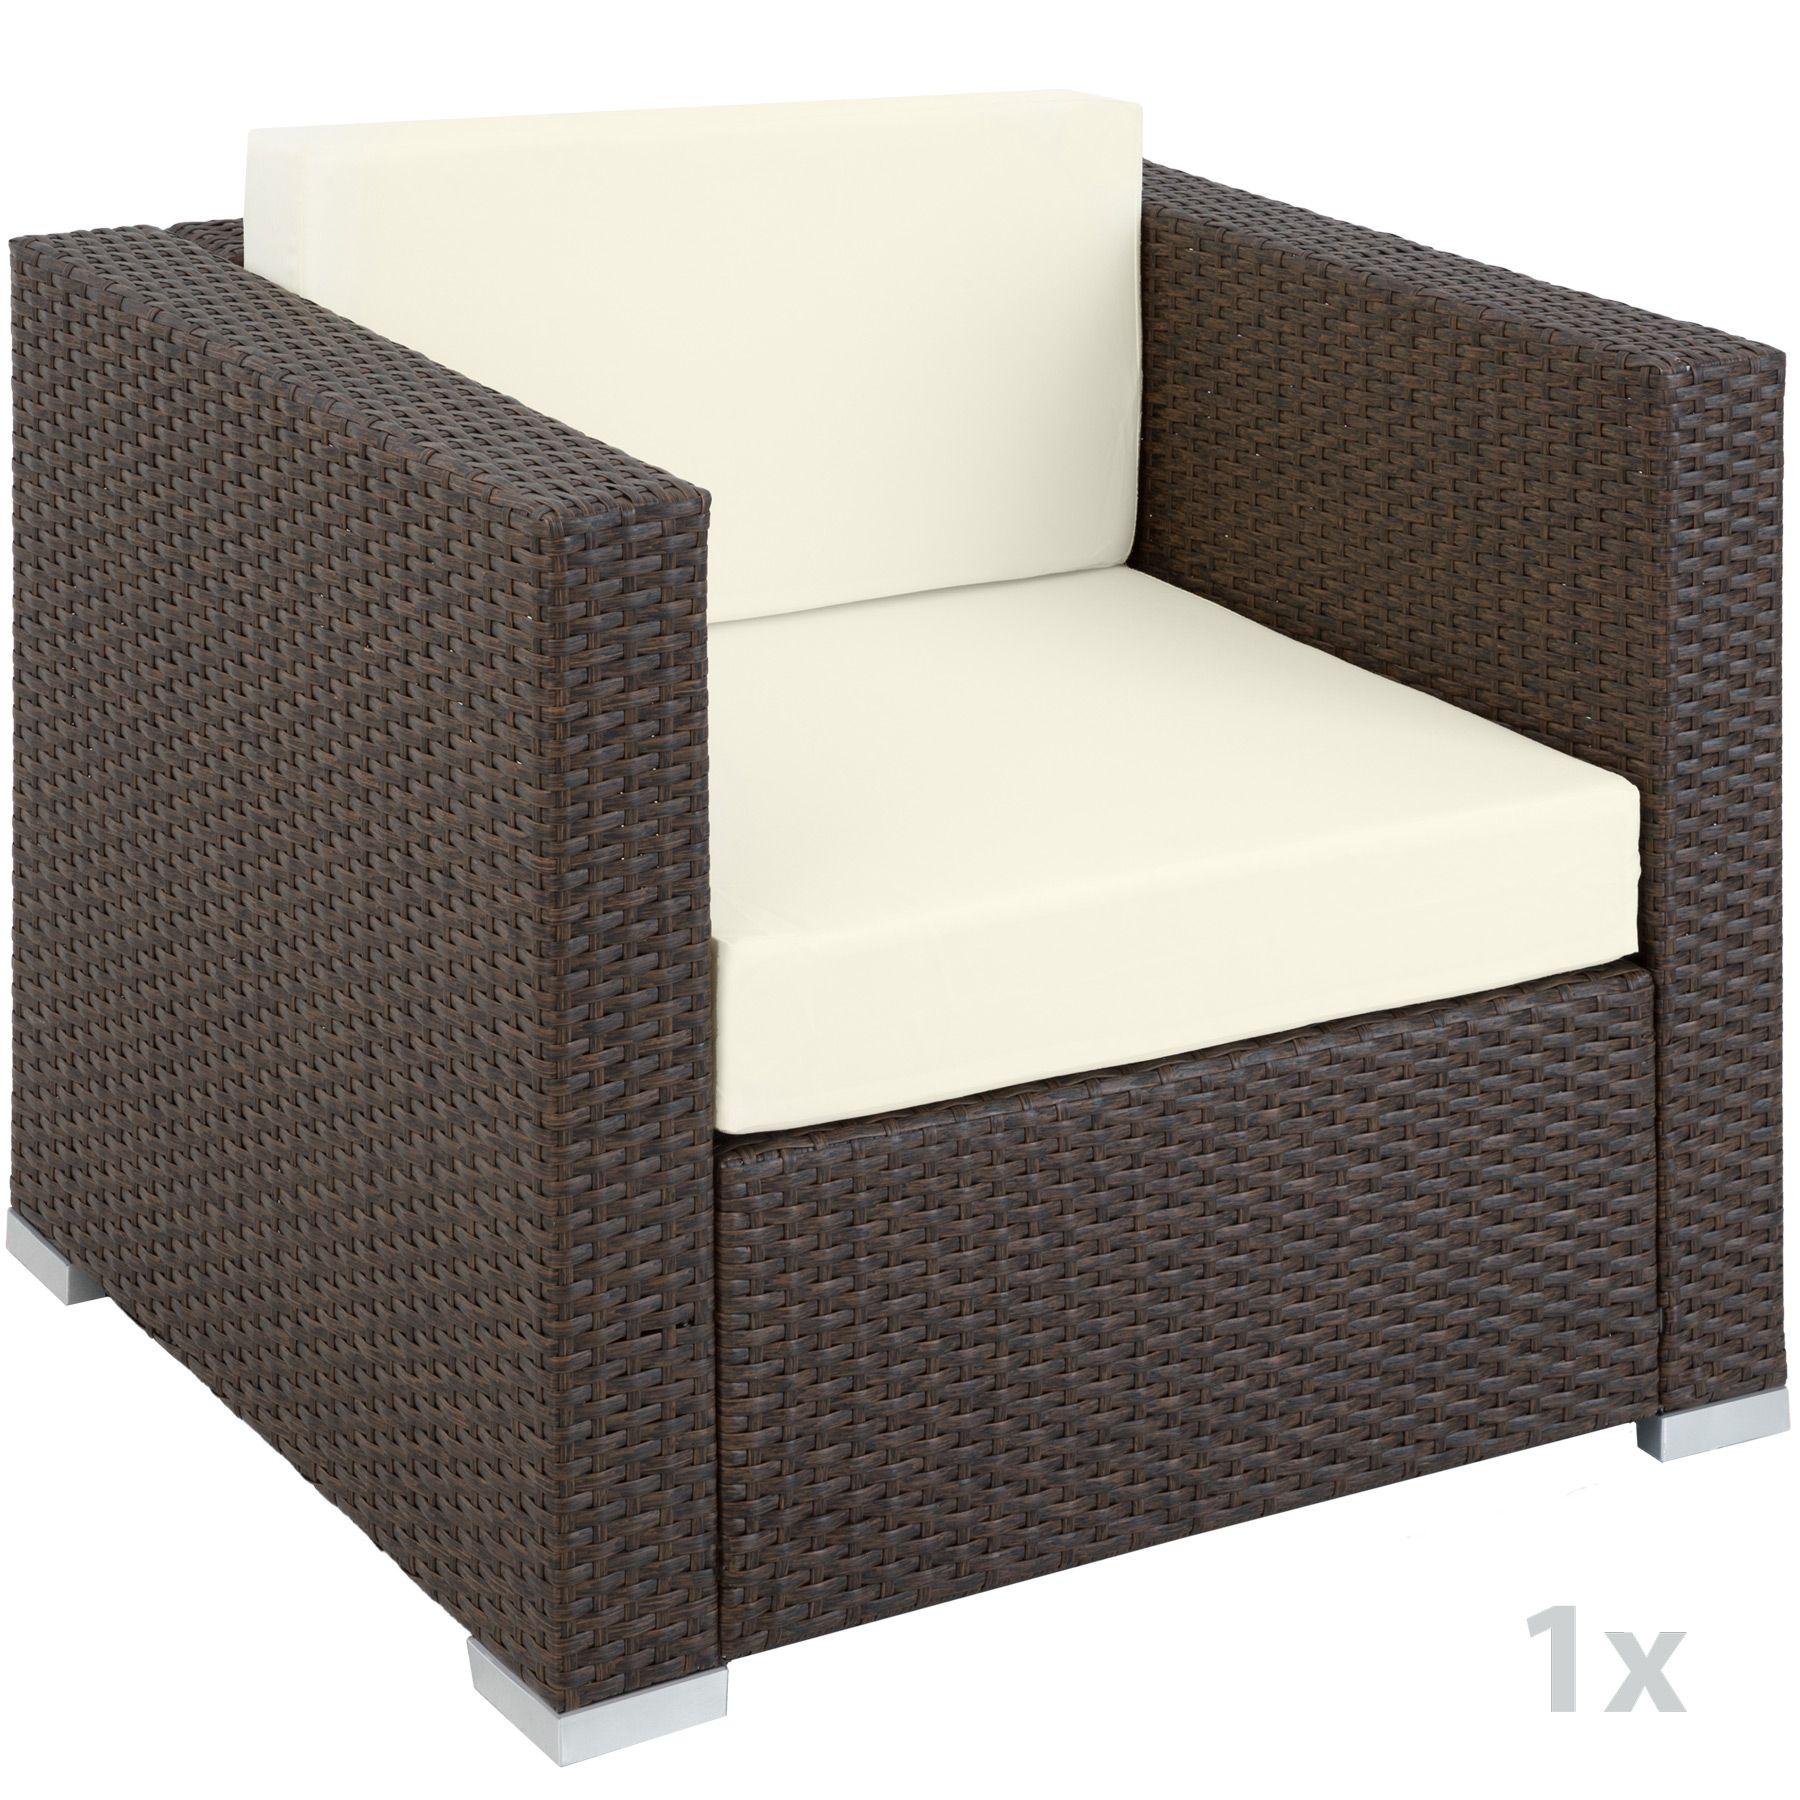 Xxl Aluminium Luxury Rattan Garden Furniture Sofa Set